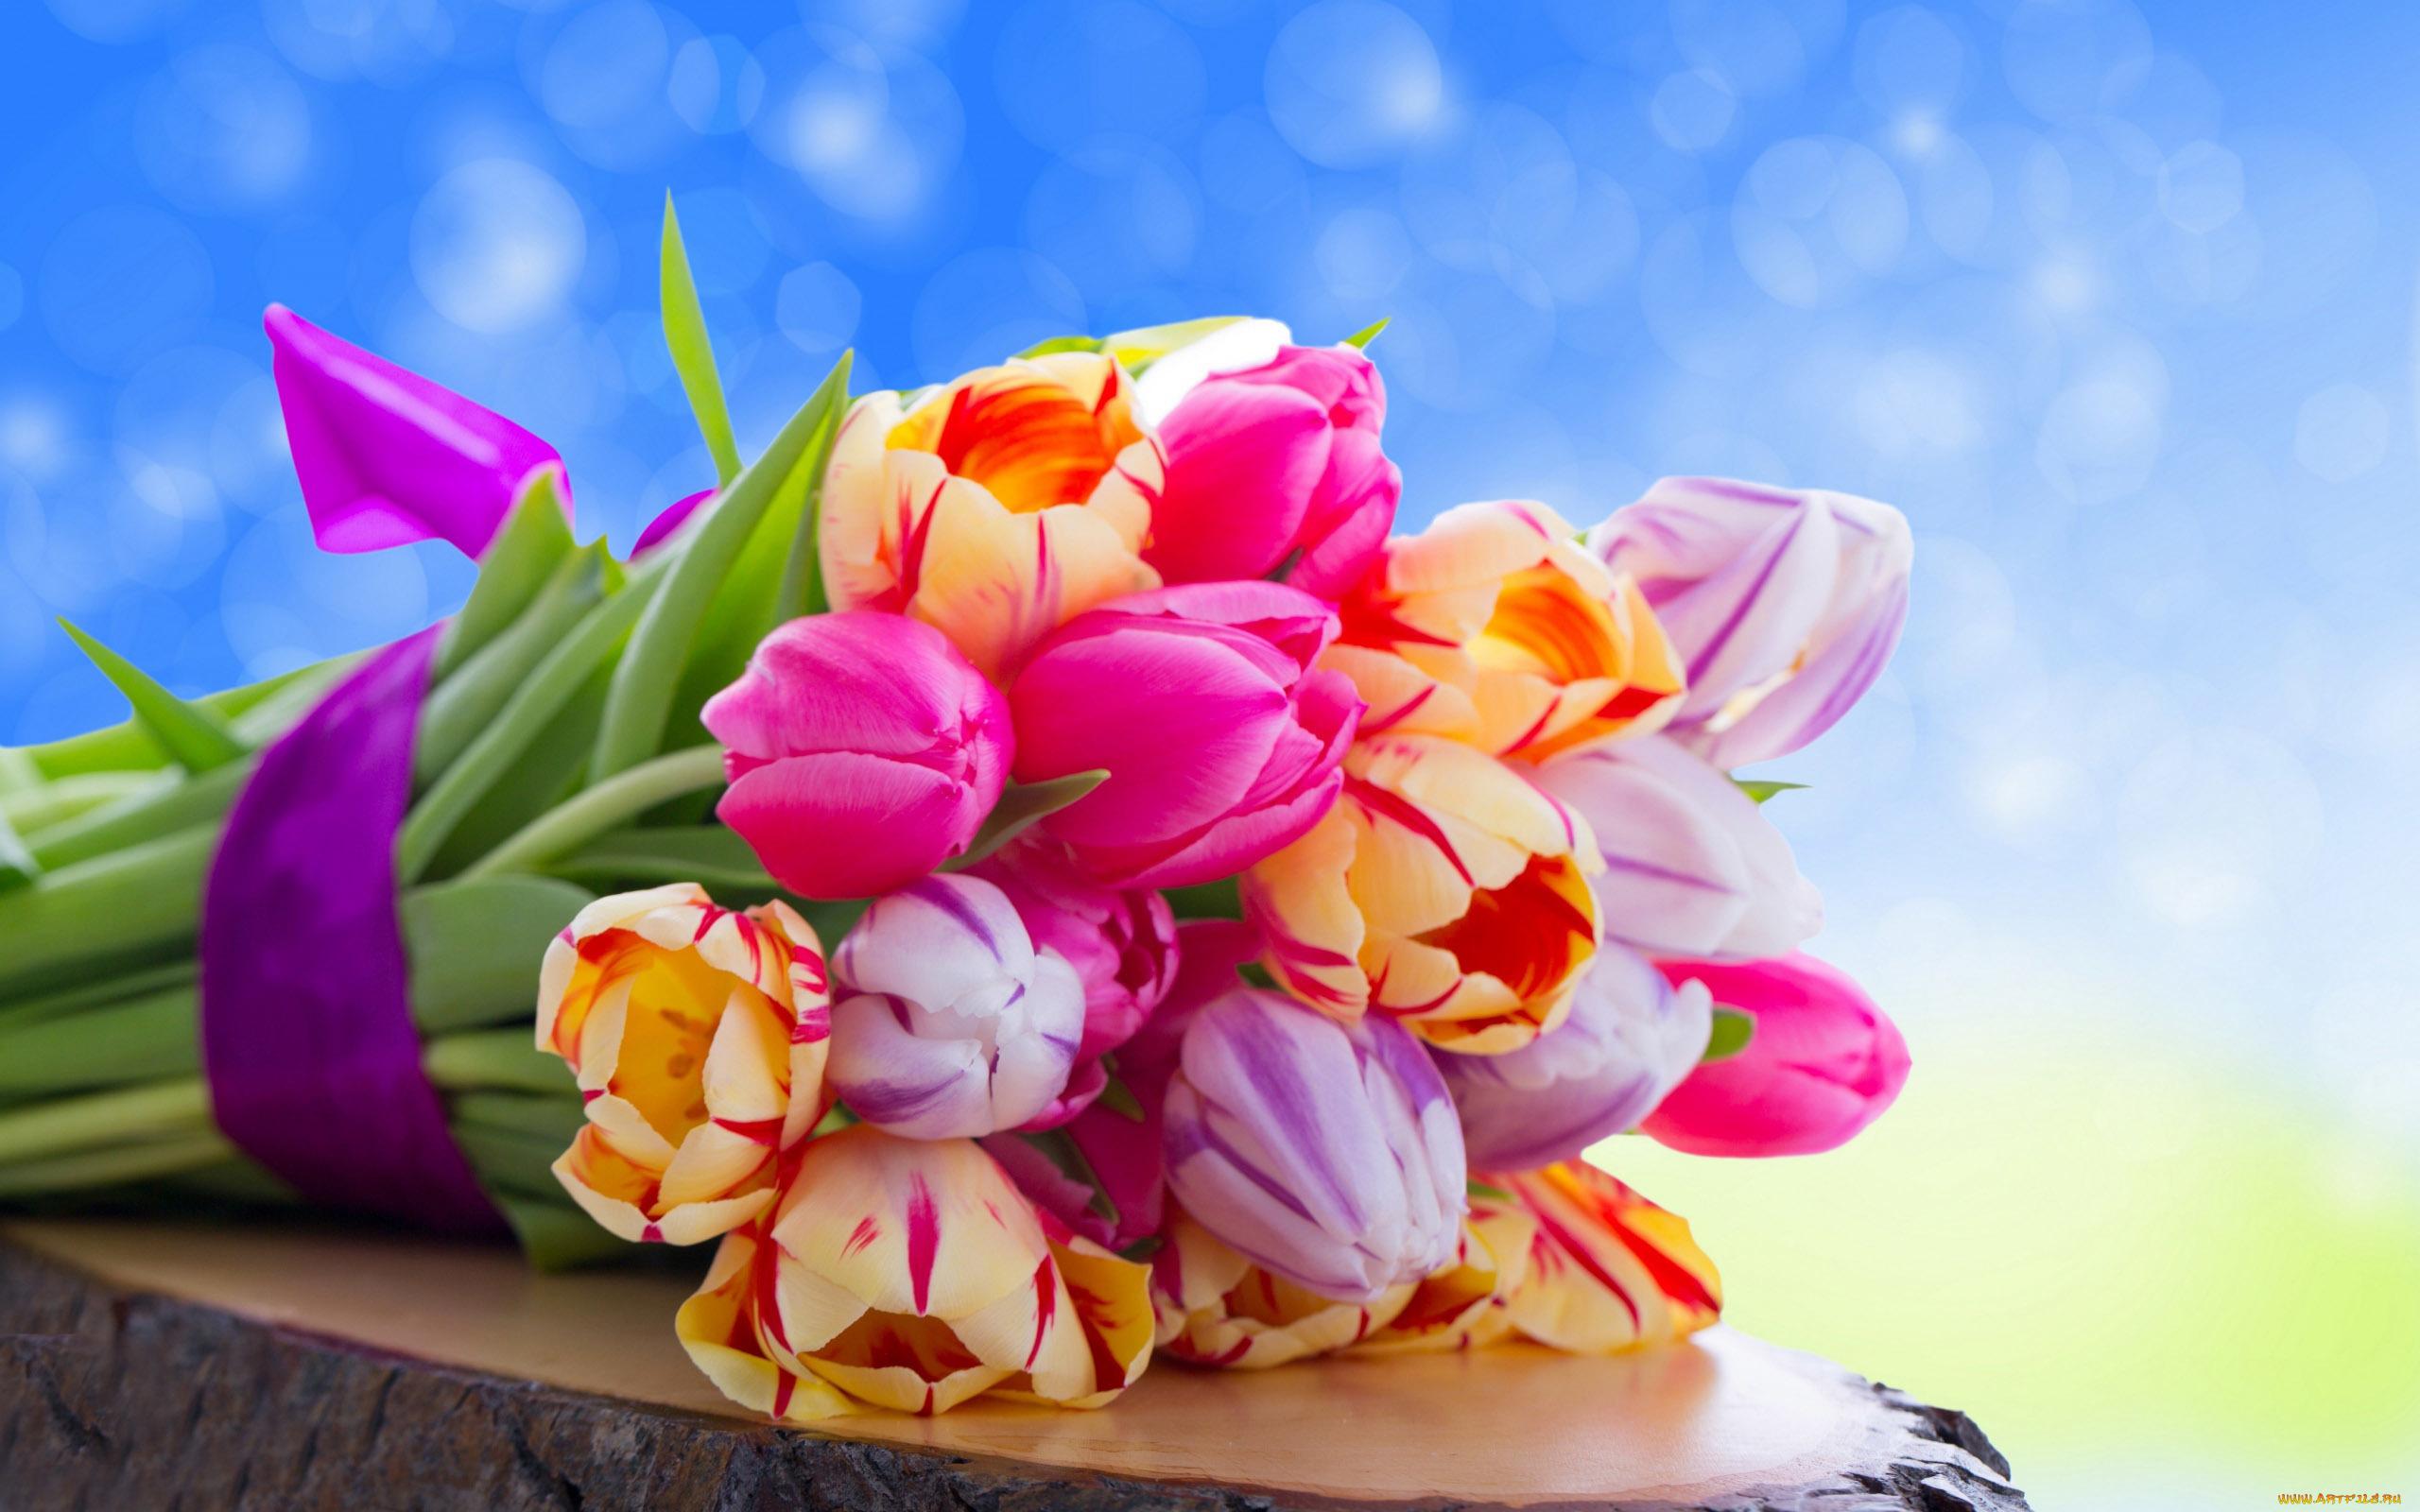 Картинки открытки, открытки на день рождения женщине с тюльпанами